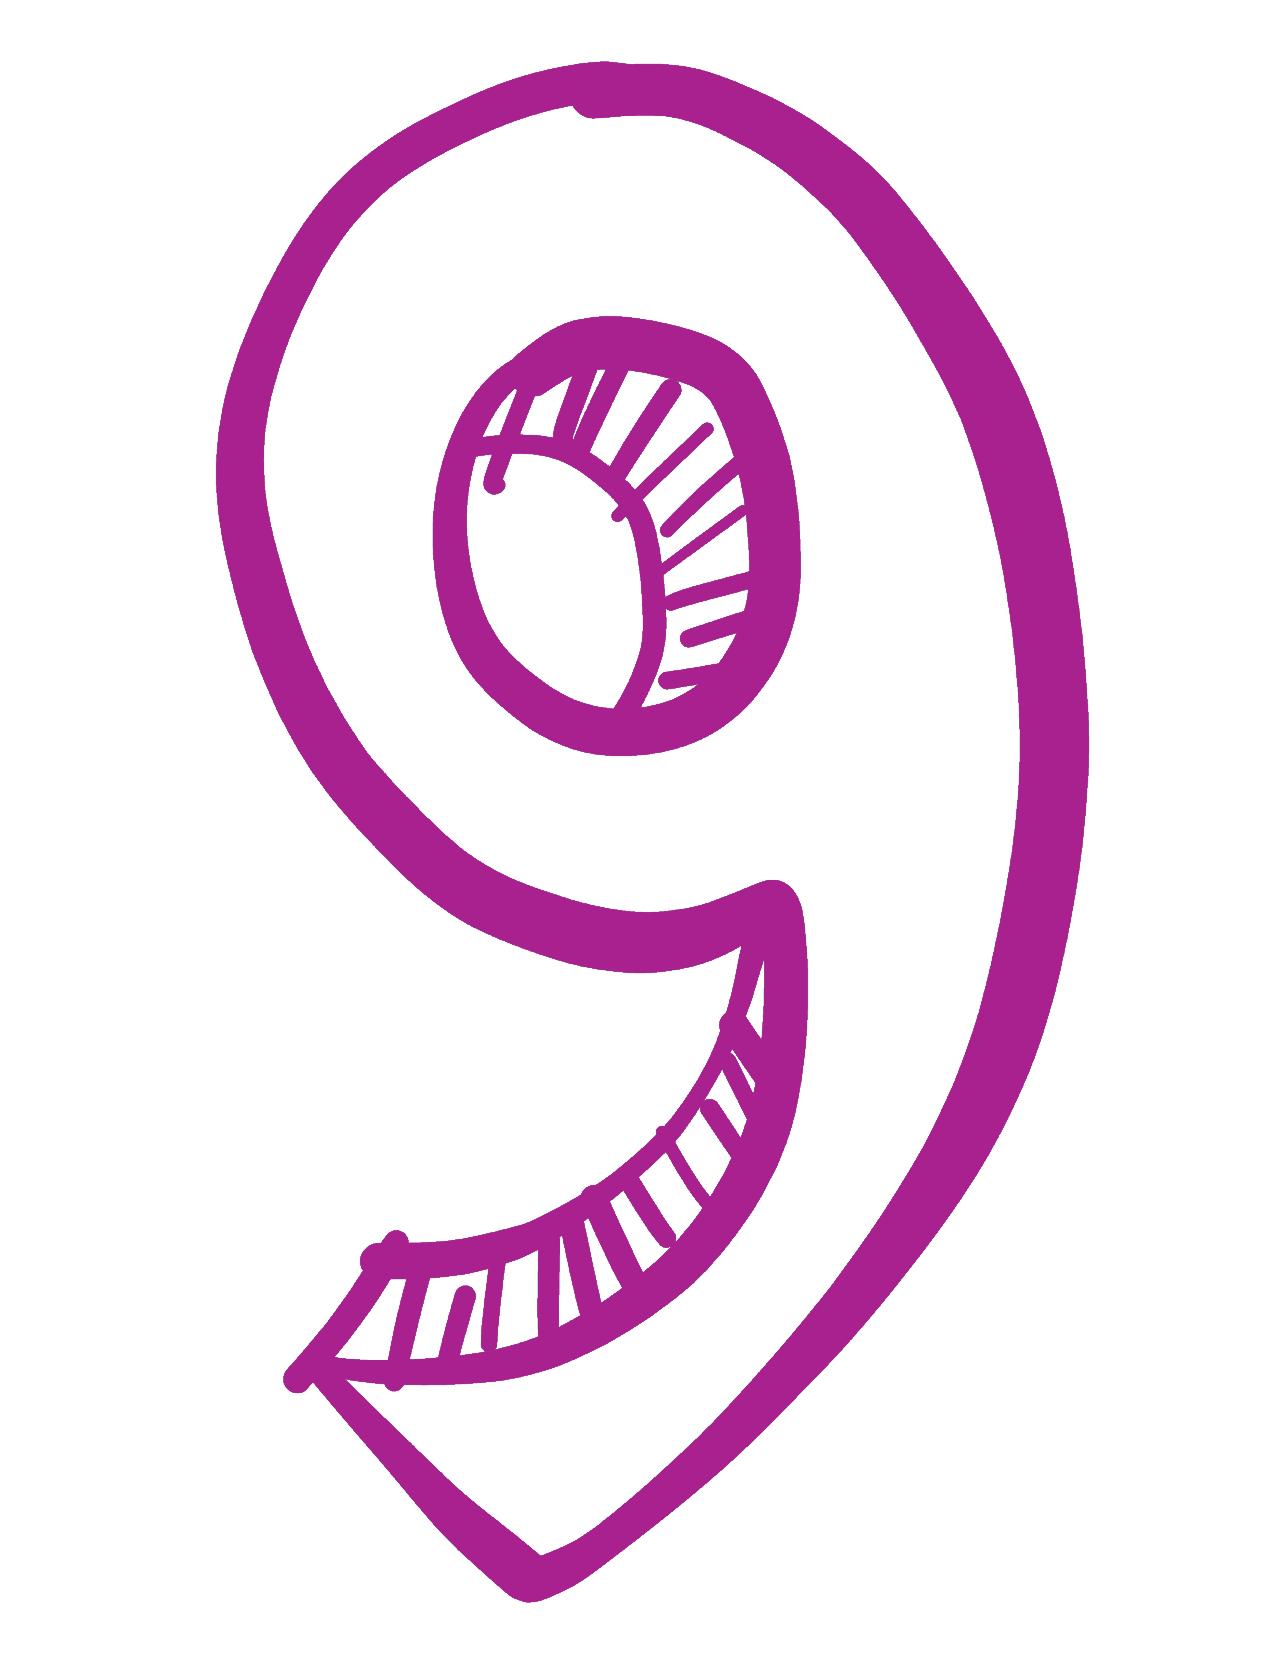 chiffre 9